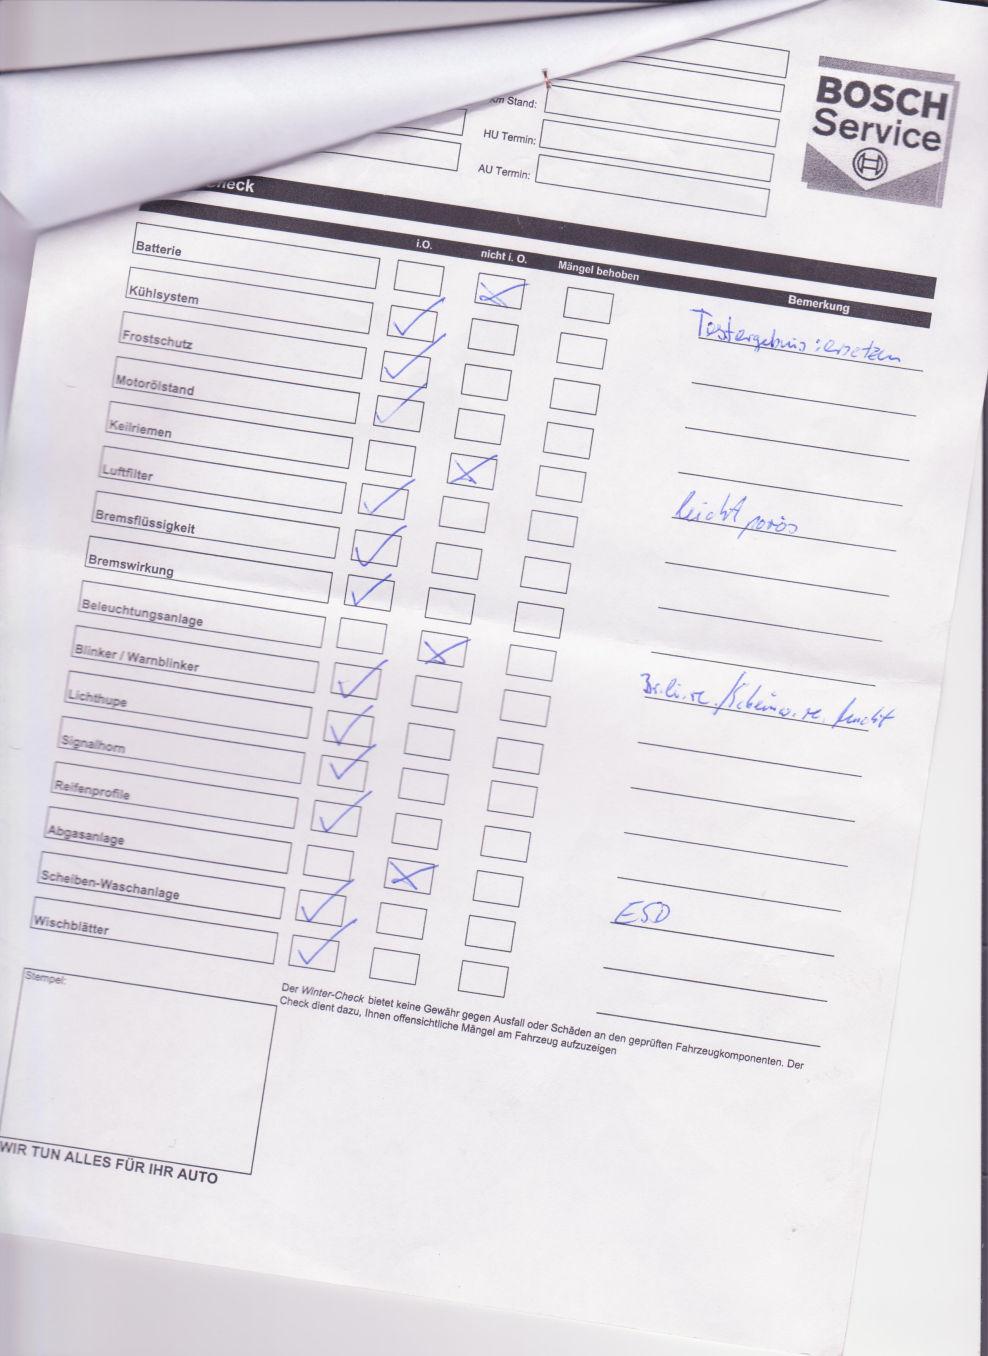 Bosch-003 : Allgemeine Fragen zum Corsa C 1.2 Comfort